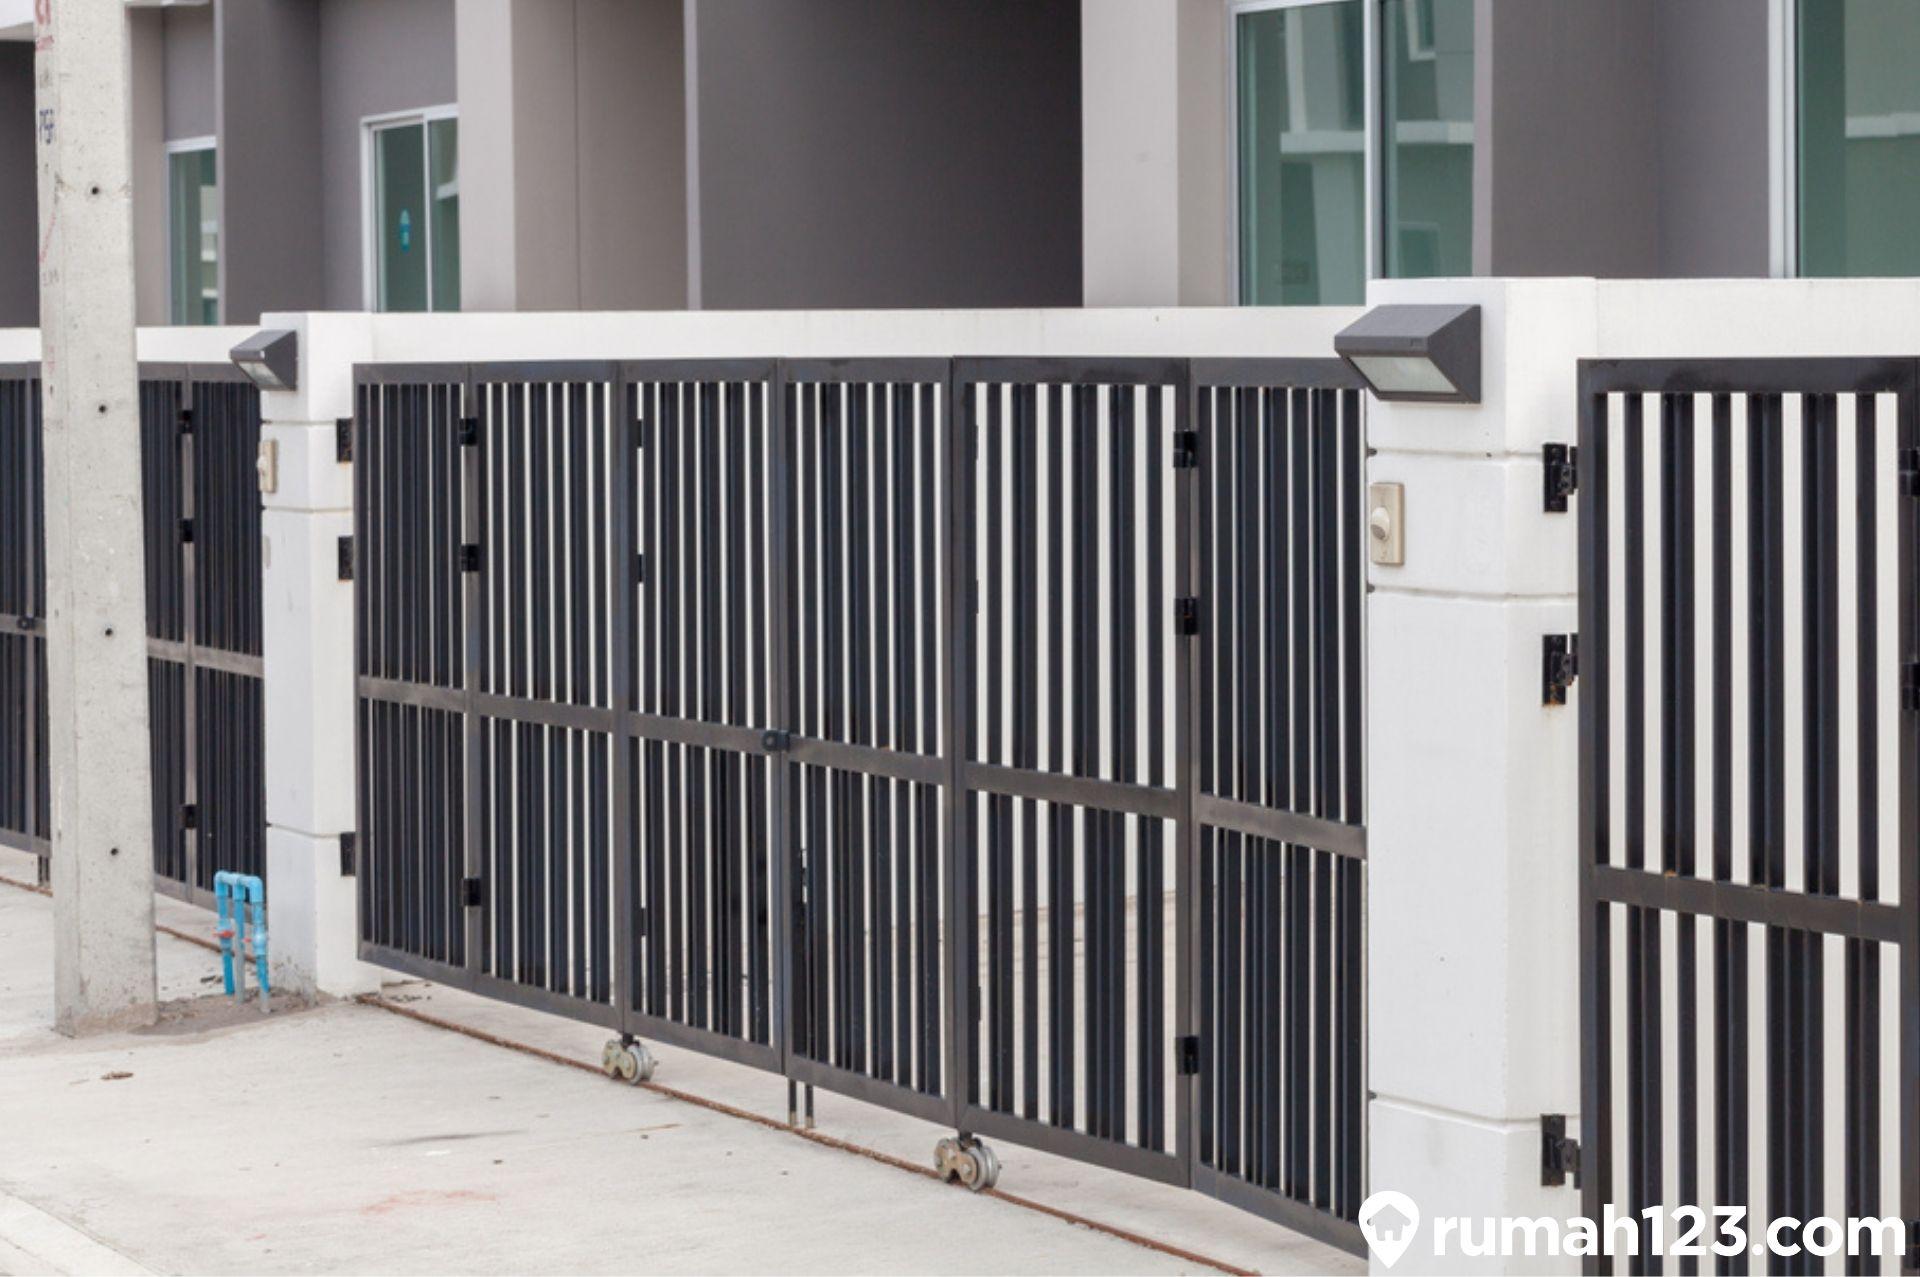 9 Desain Pagar Besi Minimalis Untuk Hunian Mungil Beserta Kelebihannya|  Rumah123.com